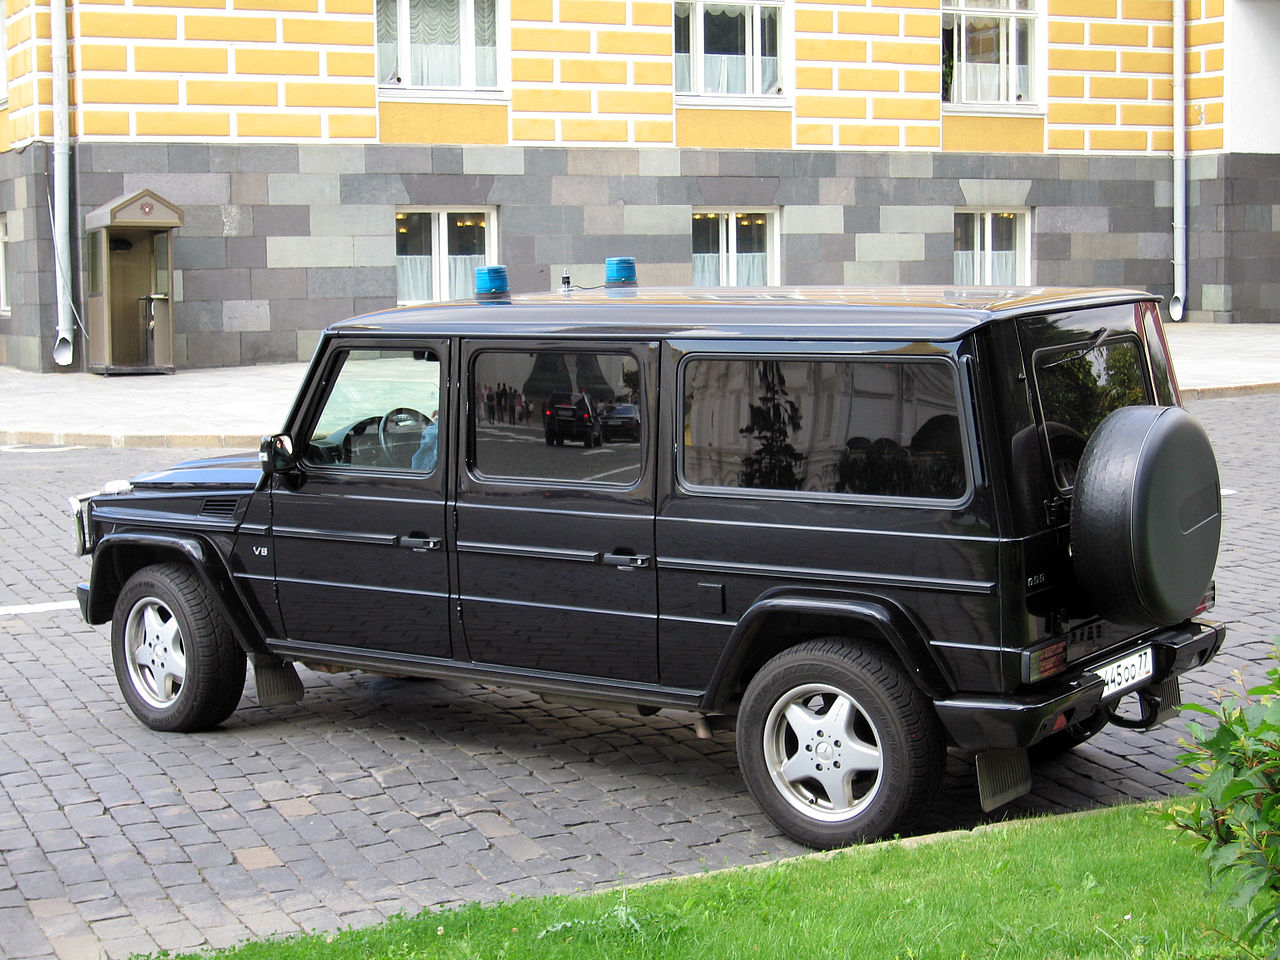 Mercedes Benz Mud Flaps Sale